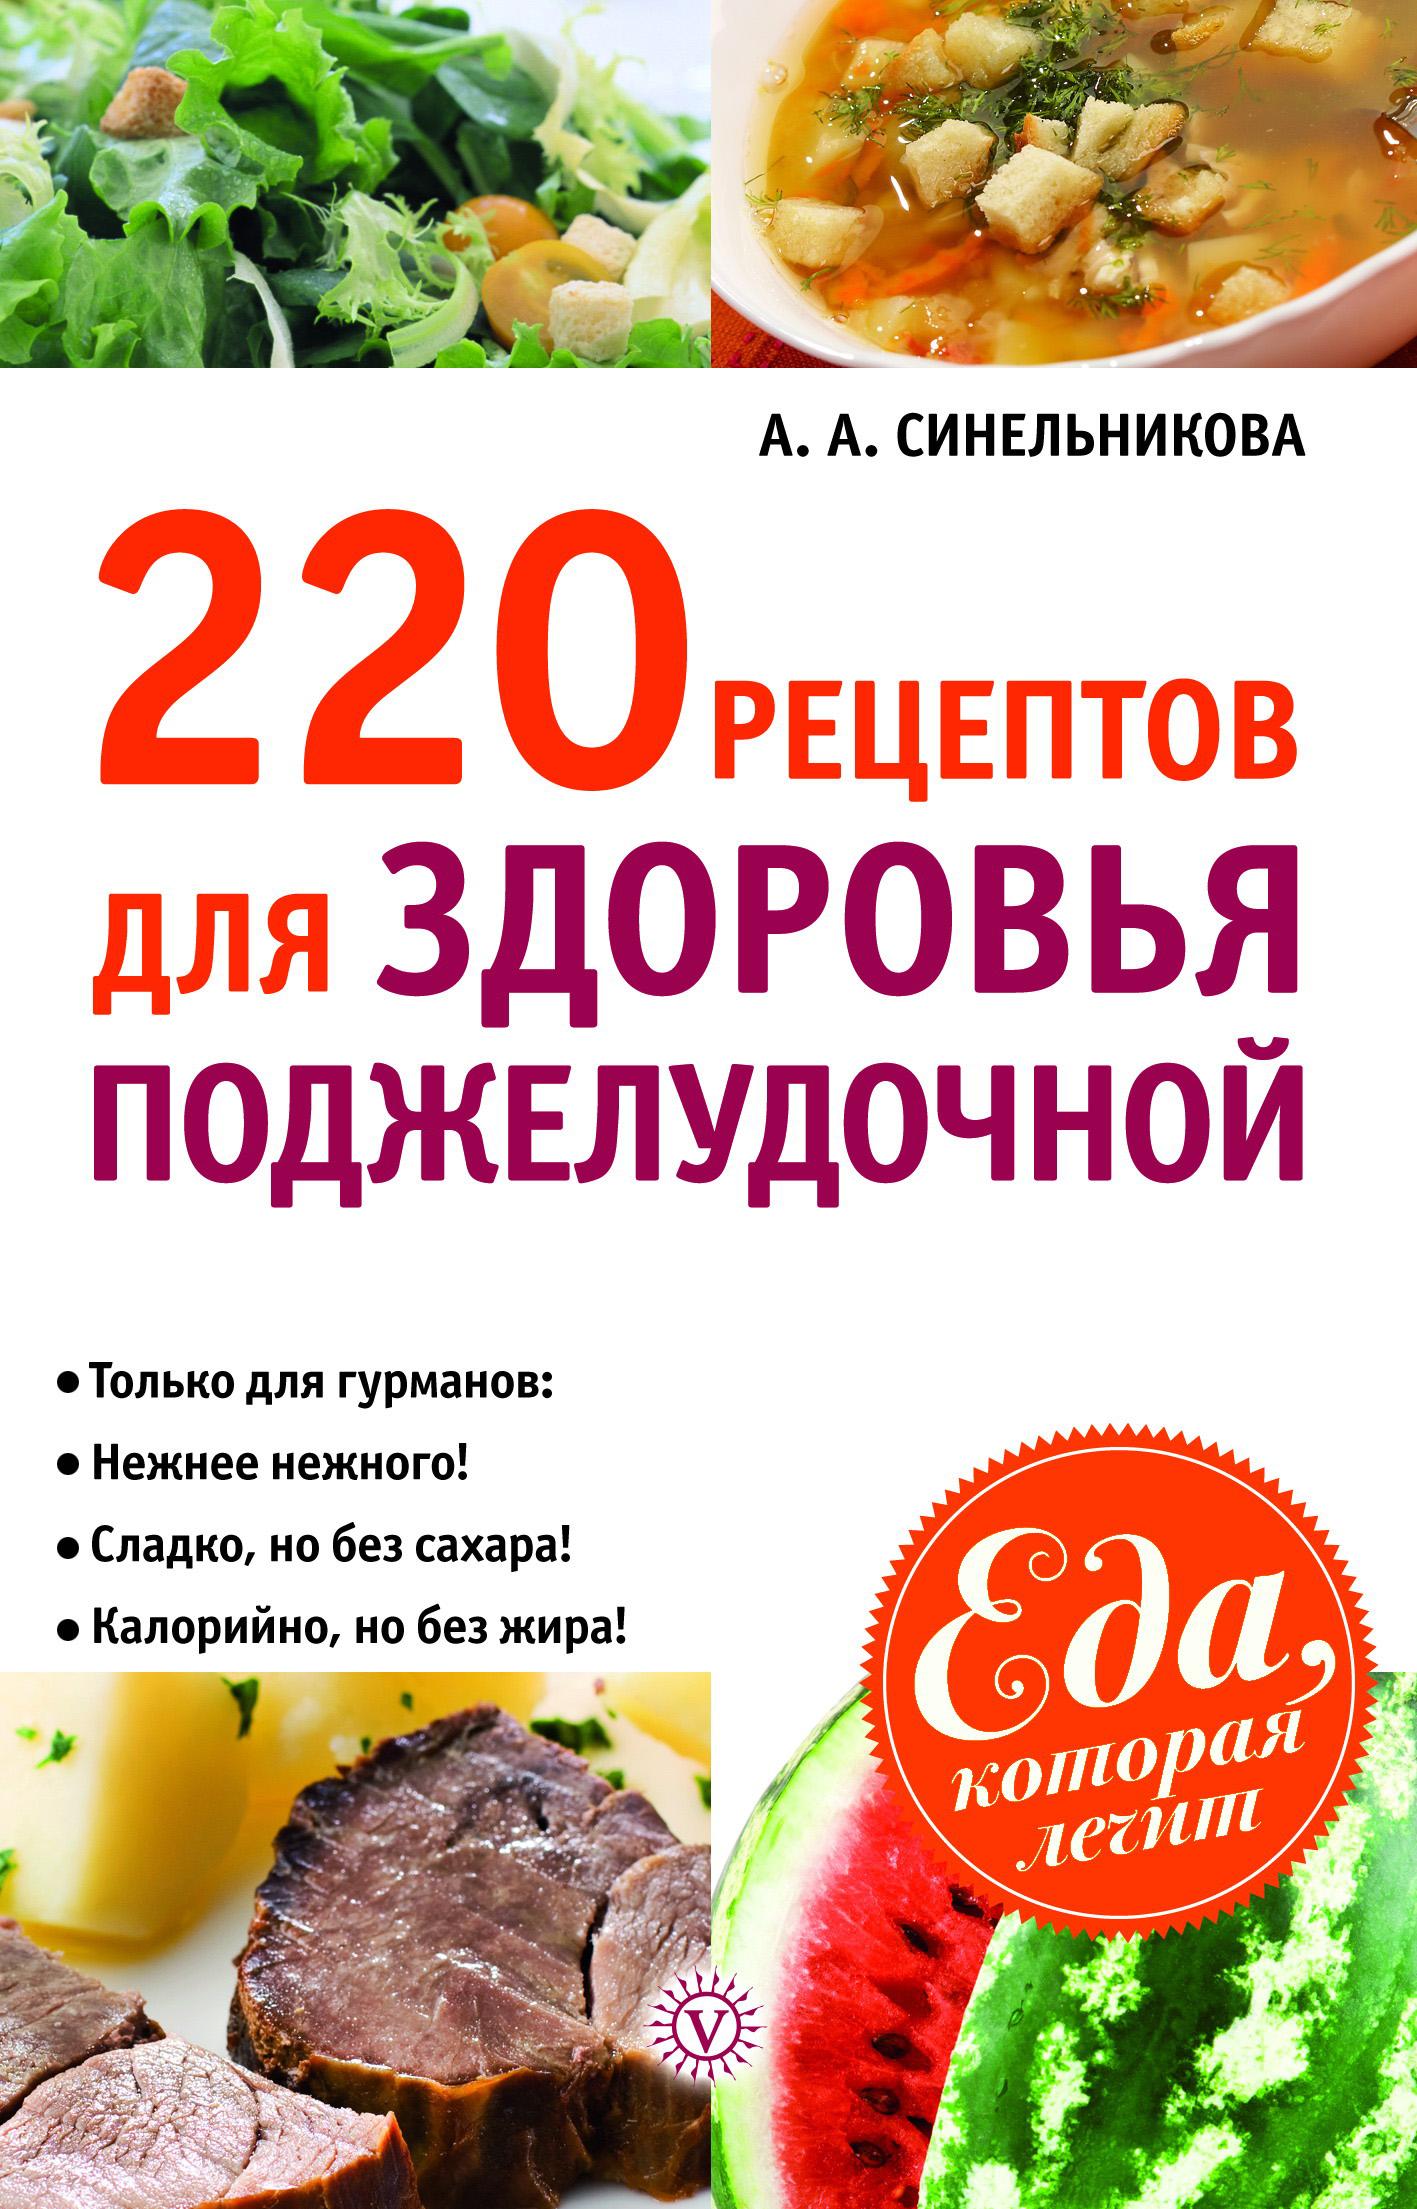 А. А. Синельникова 220 рецептов для здоровья поджелудочной а а синельникова 220 рецептов для здоровья женщины